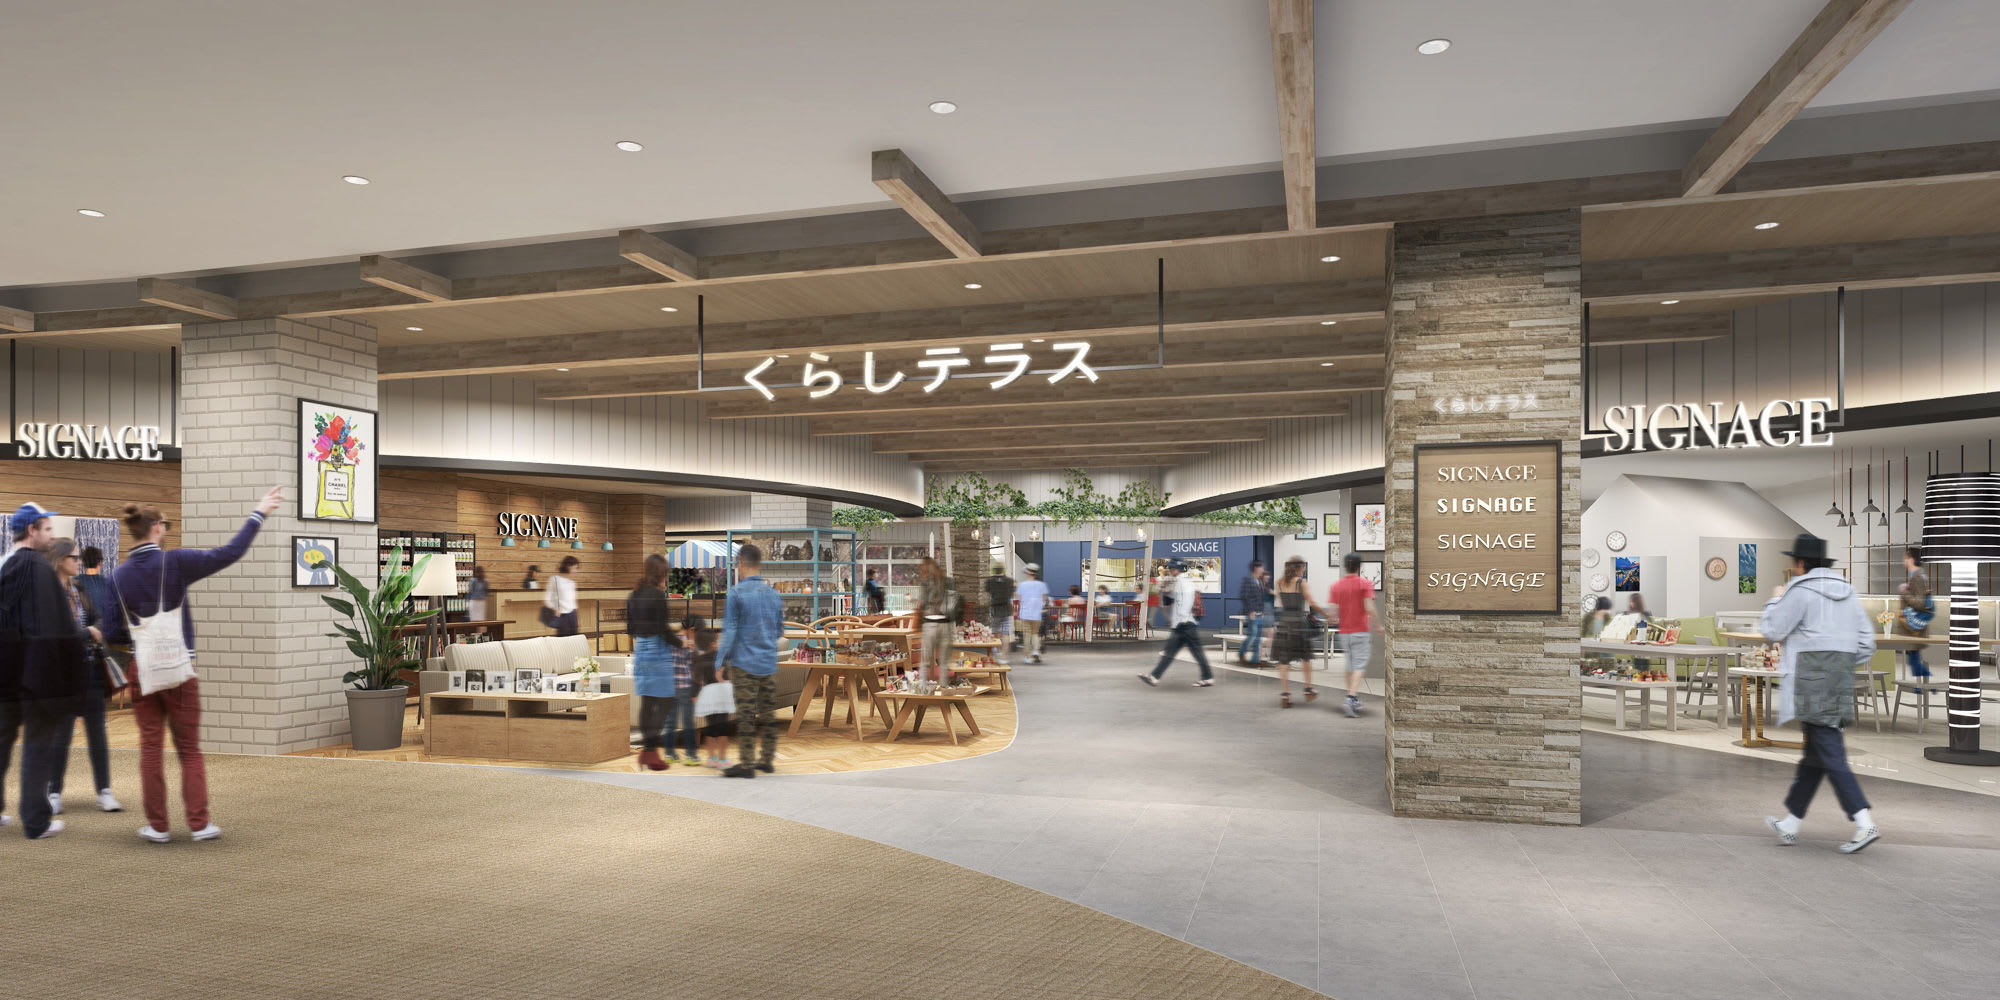 0d13936aa61 湘南エリア最大級の大型商業施設「テラスモール湘南」が、2011年の開業以来初の大規模リニューアルを実施する。2月上旬から新店舗が順次オープンし、4月下旬にグランド  ...